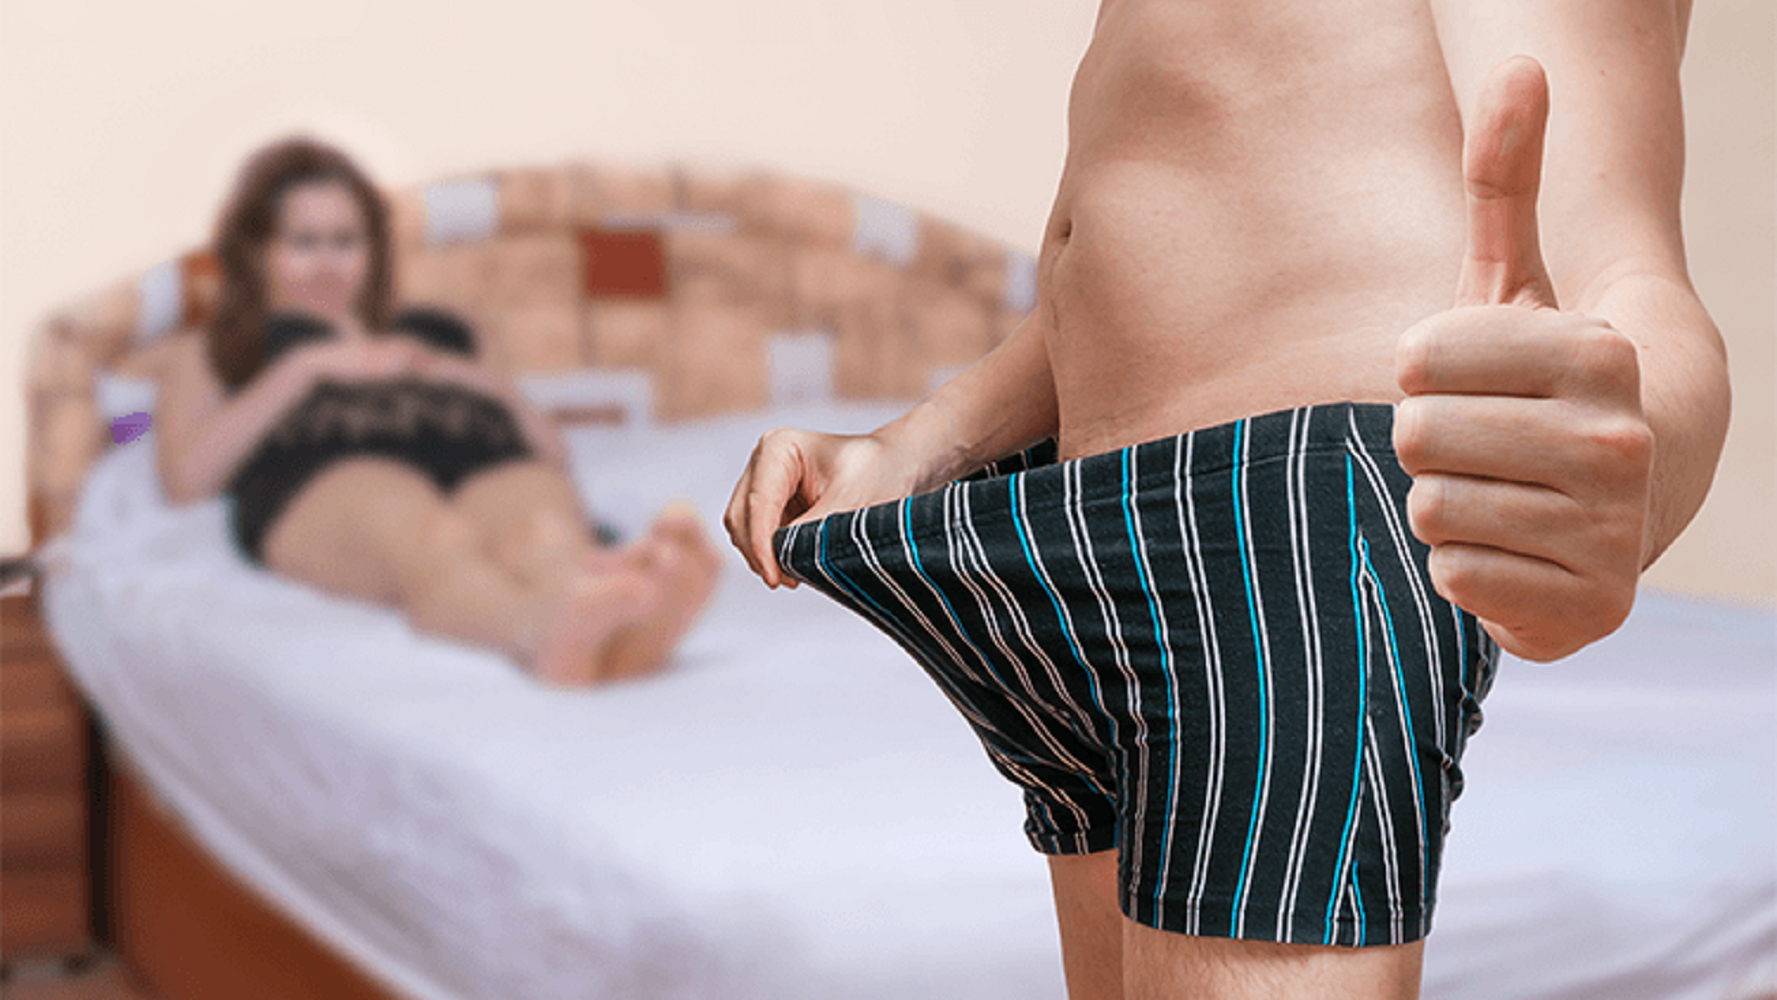 Au apărut pantalonii scurți care te ajută să ai o erecţie mai bună